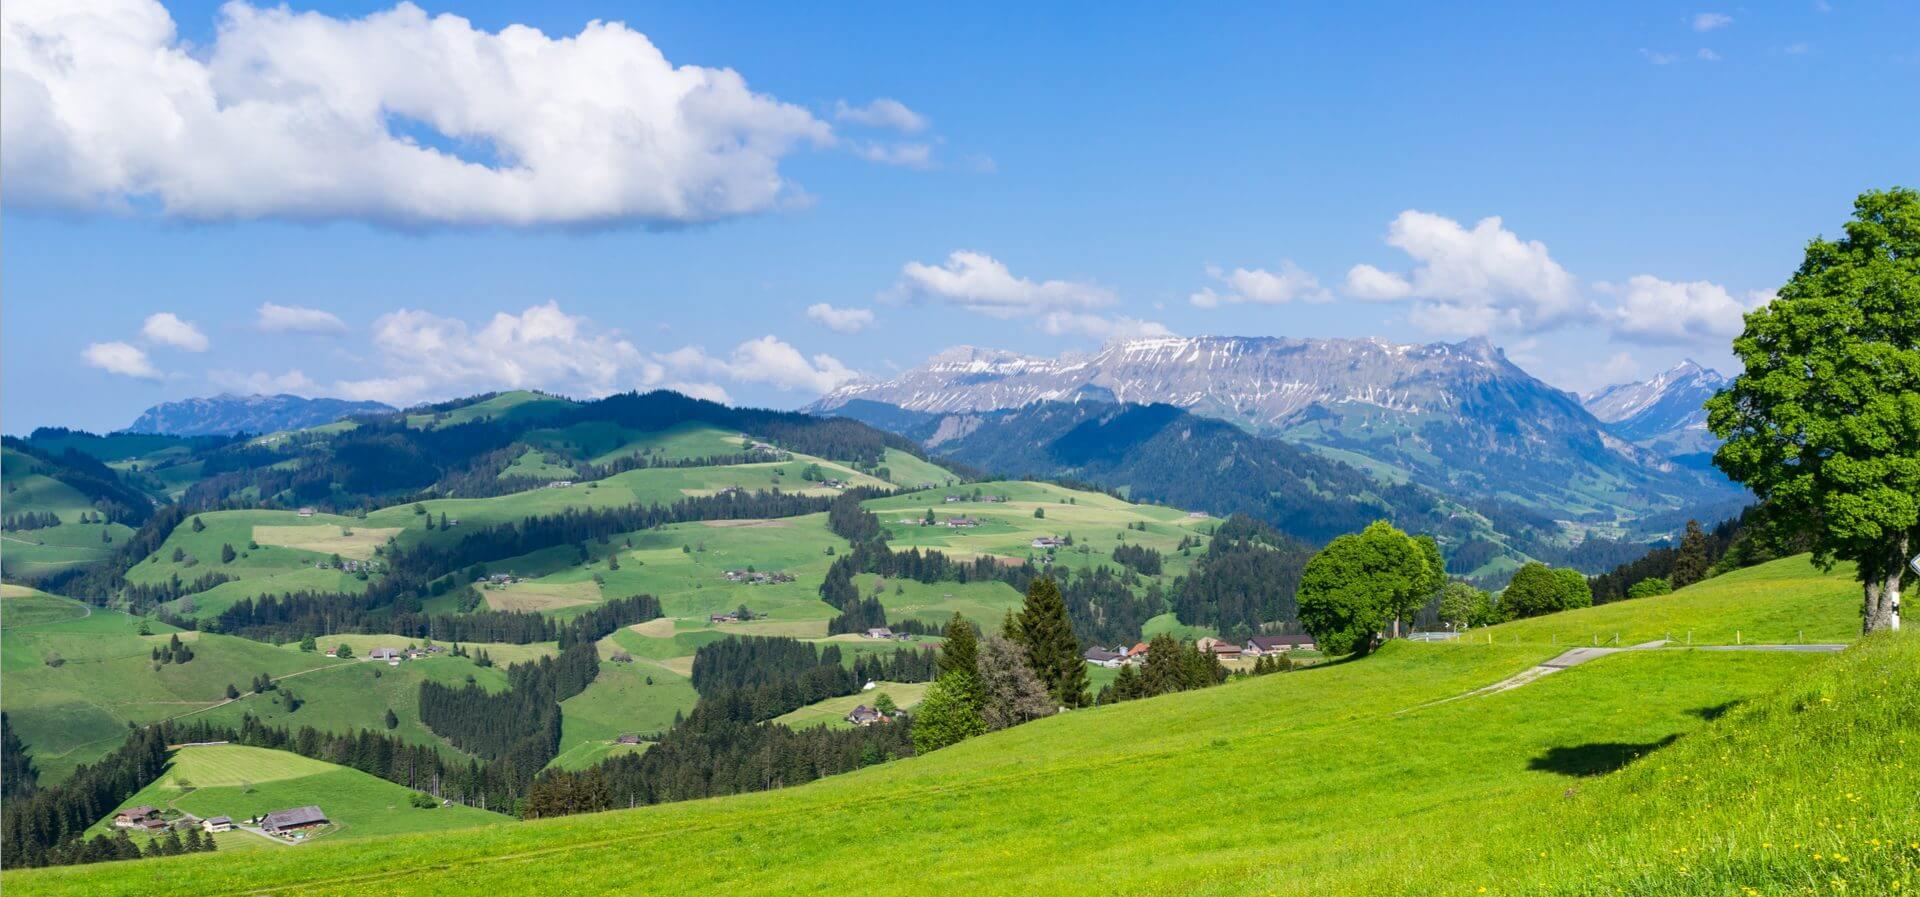 Austausch_ERFA Bern Mittelland_432781039